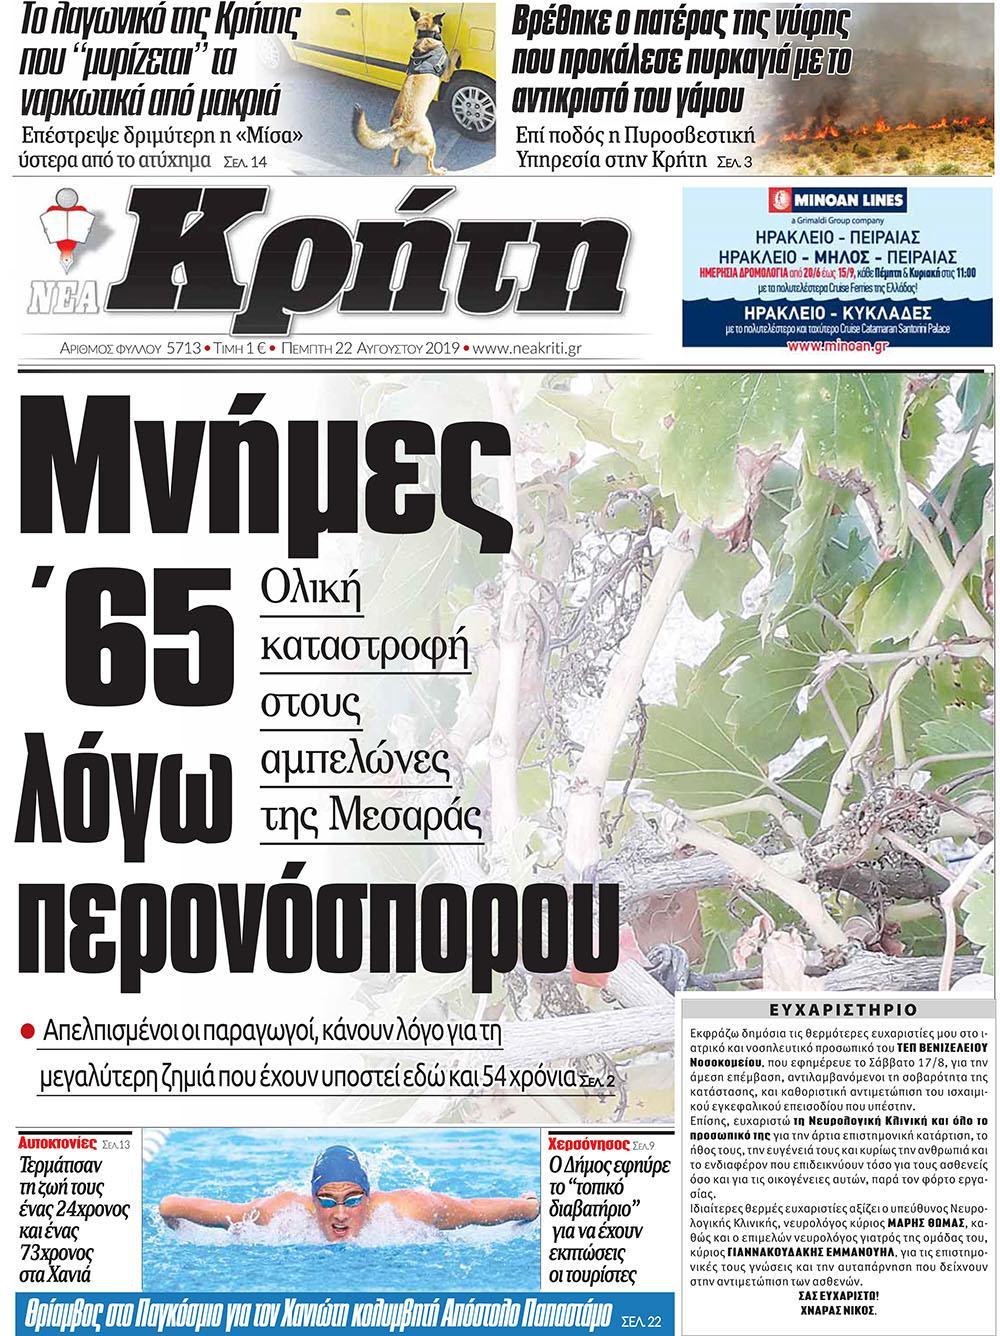 Πρωτοσέλιδο εφημερίδας Νέα Κρήτη